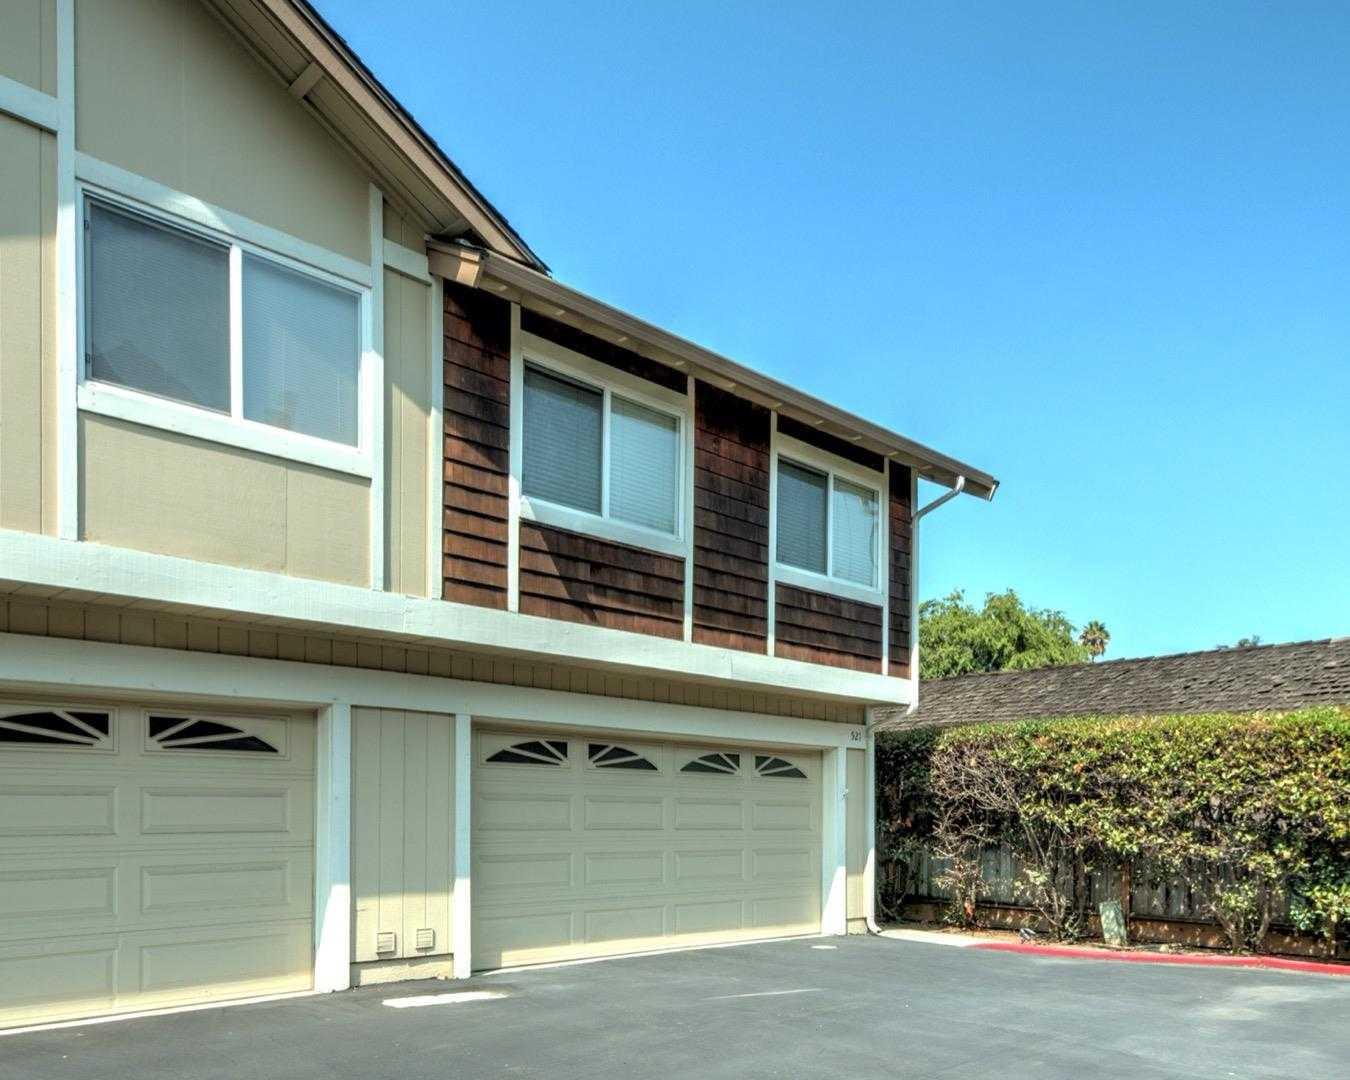 521 Clardy Pl San Jose, CA 95117